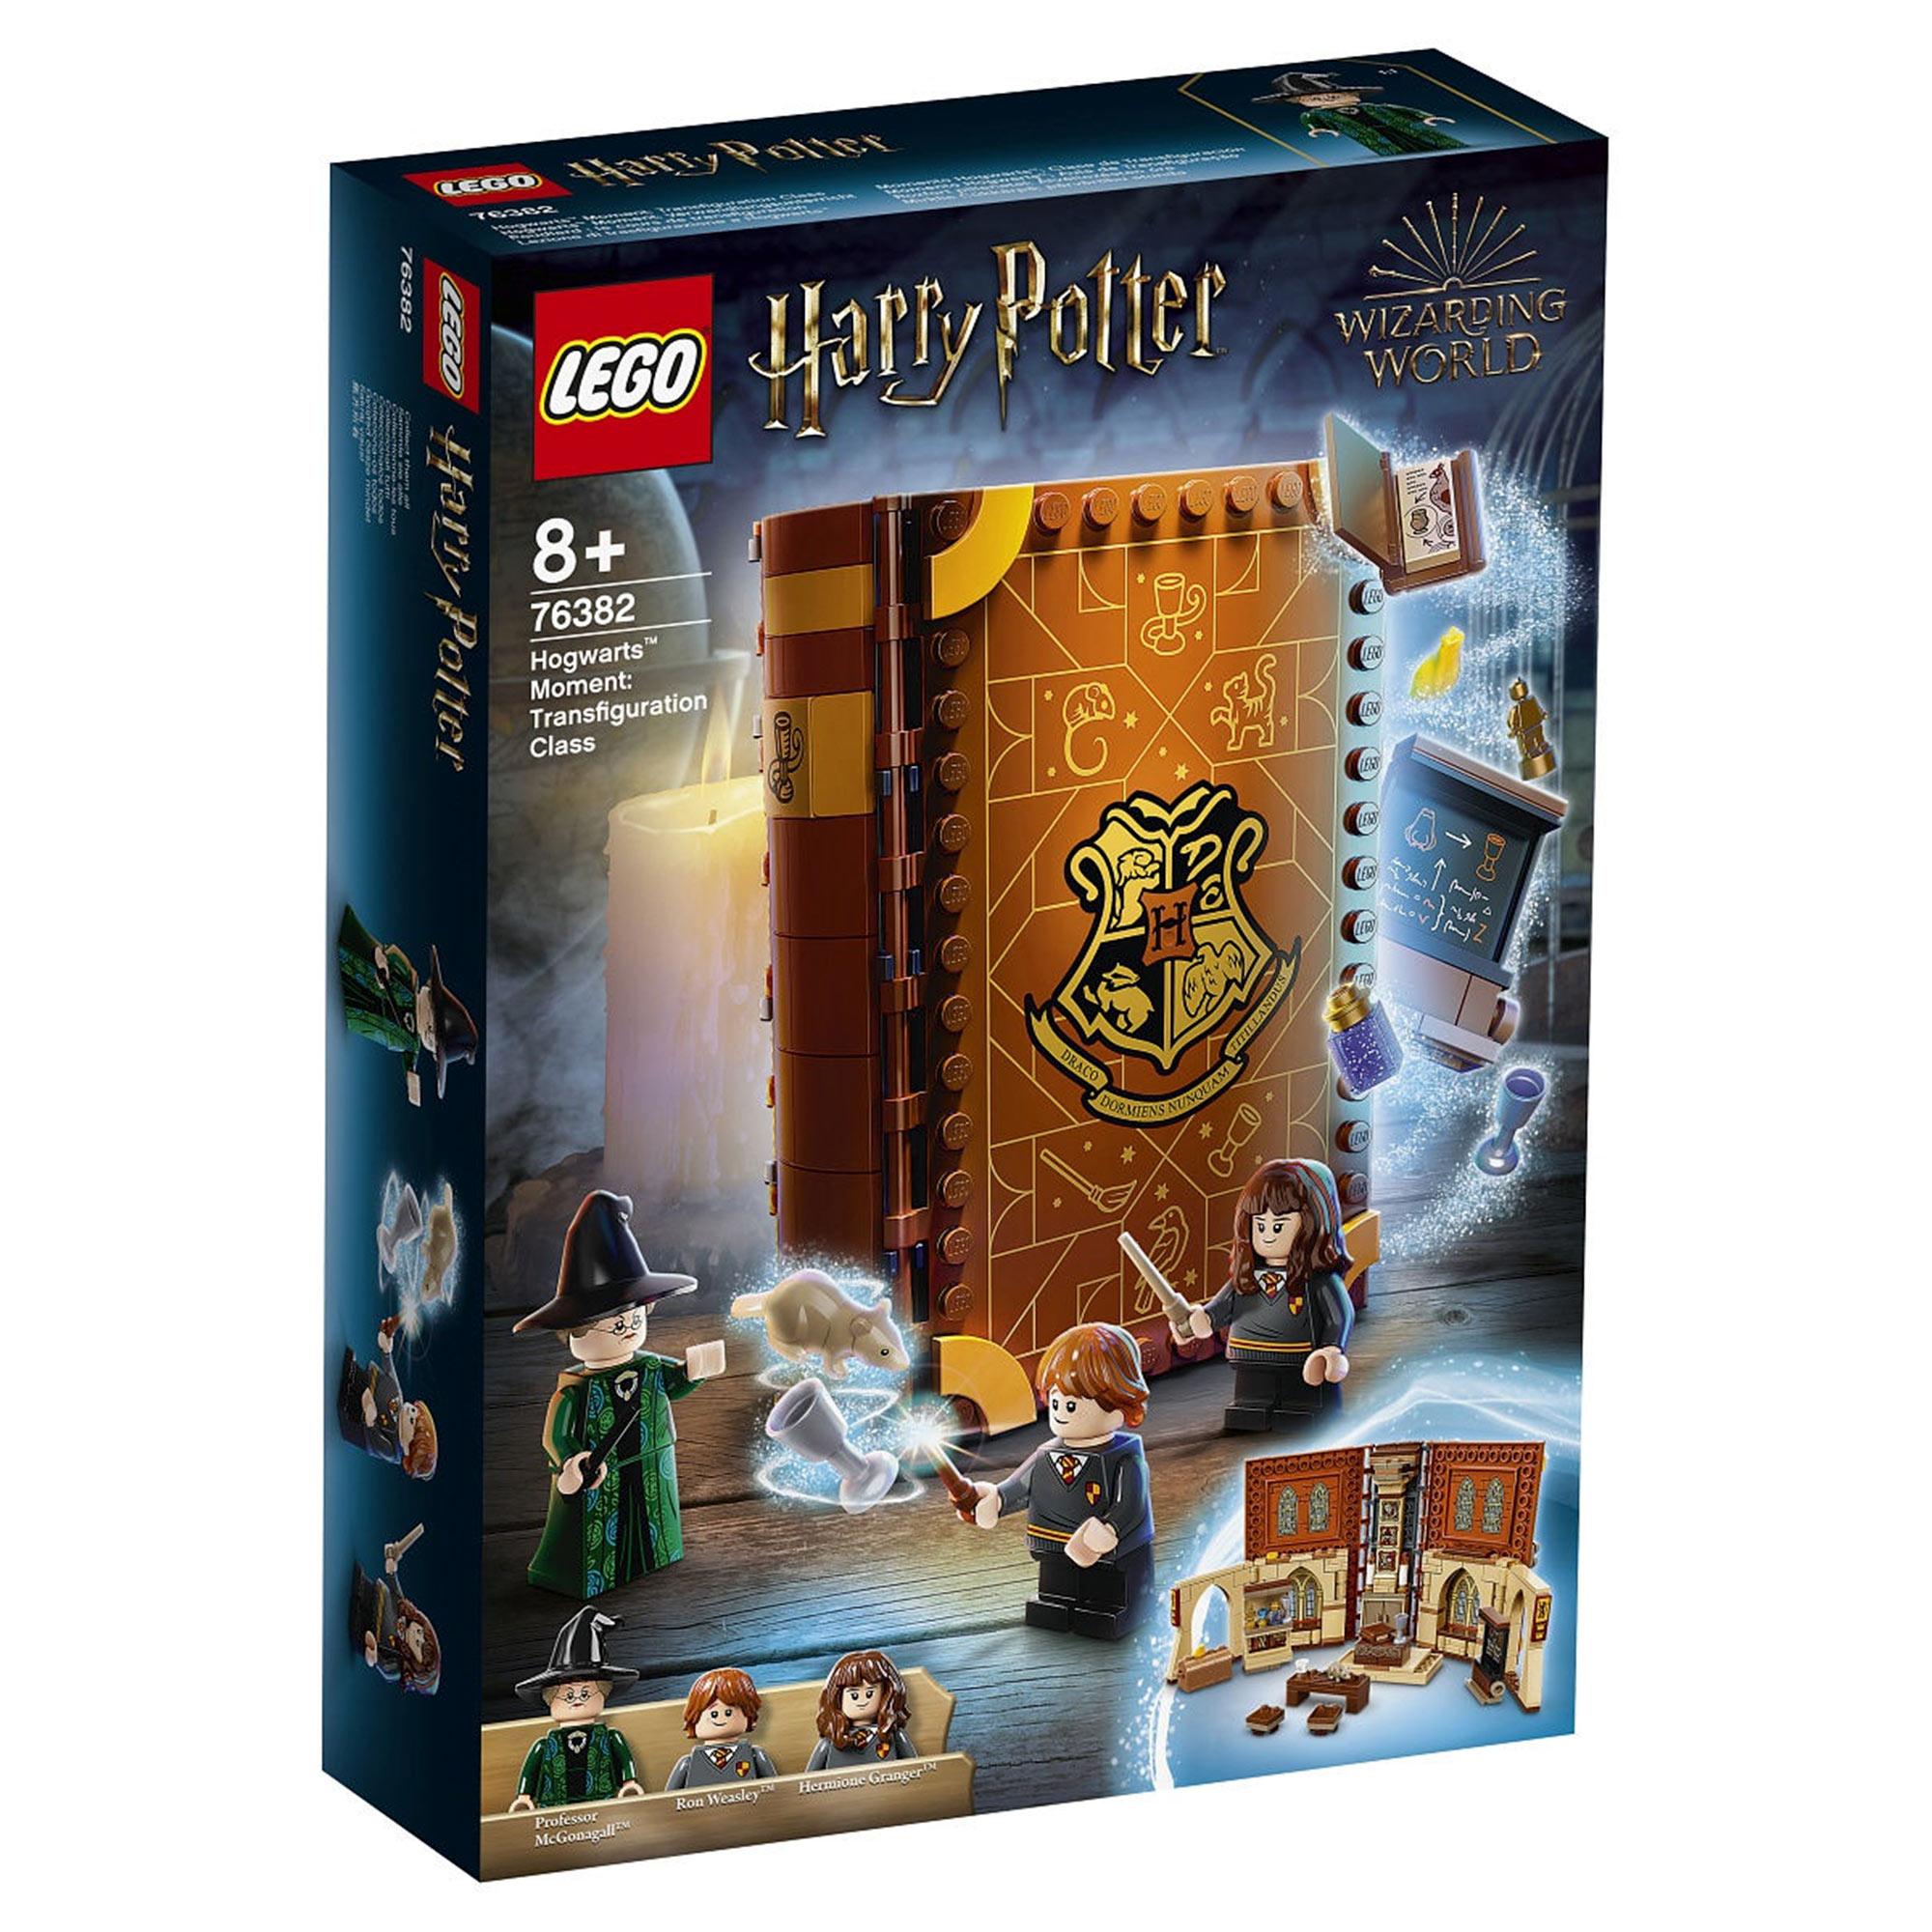 Конструктор Lego Harry Potter Учёба в Хогвартсе: Урок трансфигурации конструктор lego harry potter tm 75967 запретный лес грохх и долорес амбридж